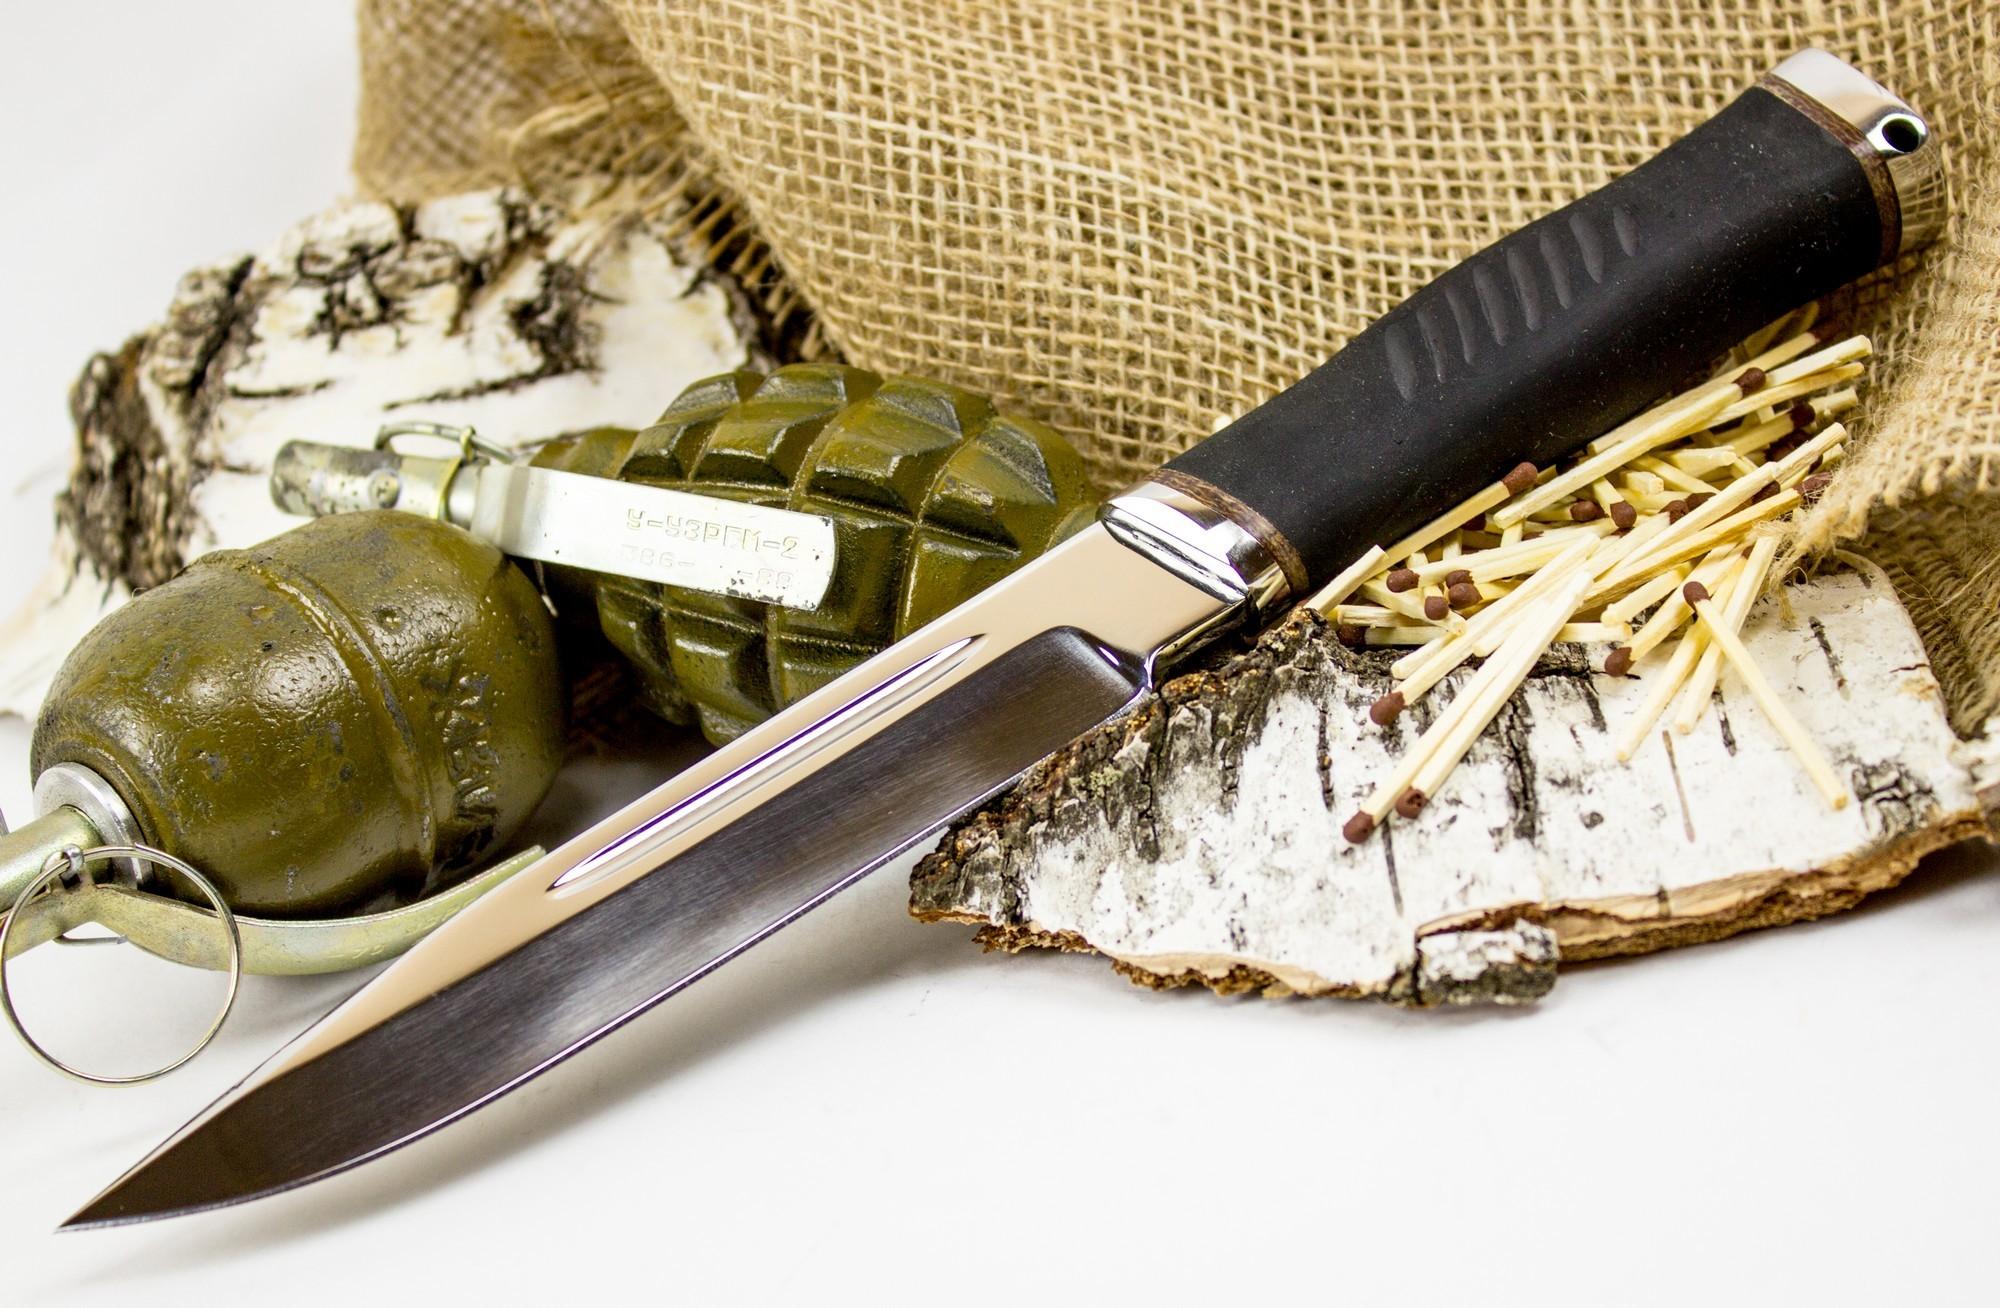 Фото 2 - Нож Казак-1, сталь 65х13 от Титов и Солдатова